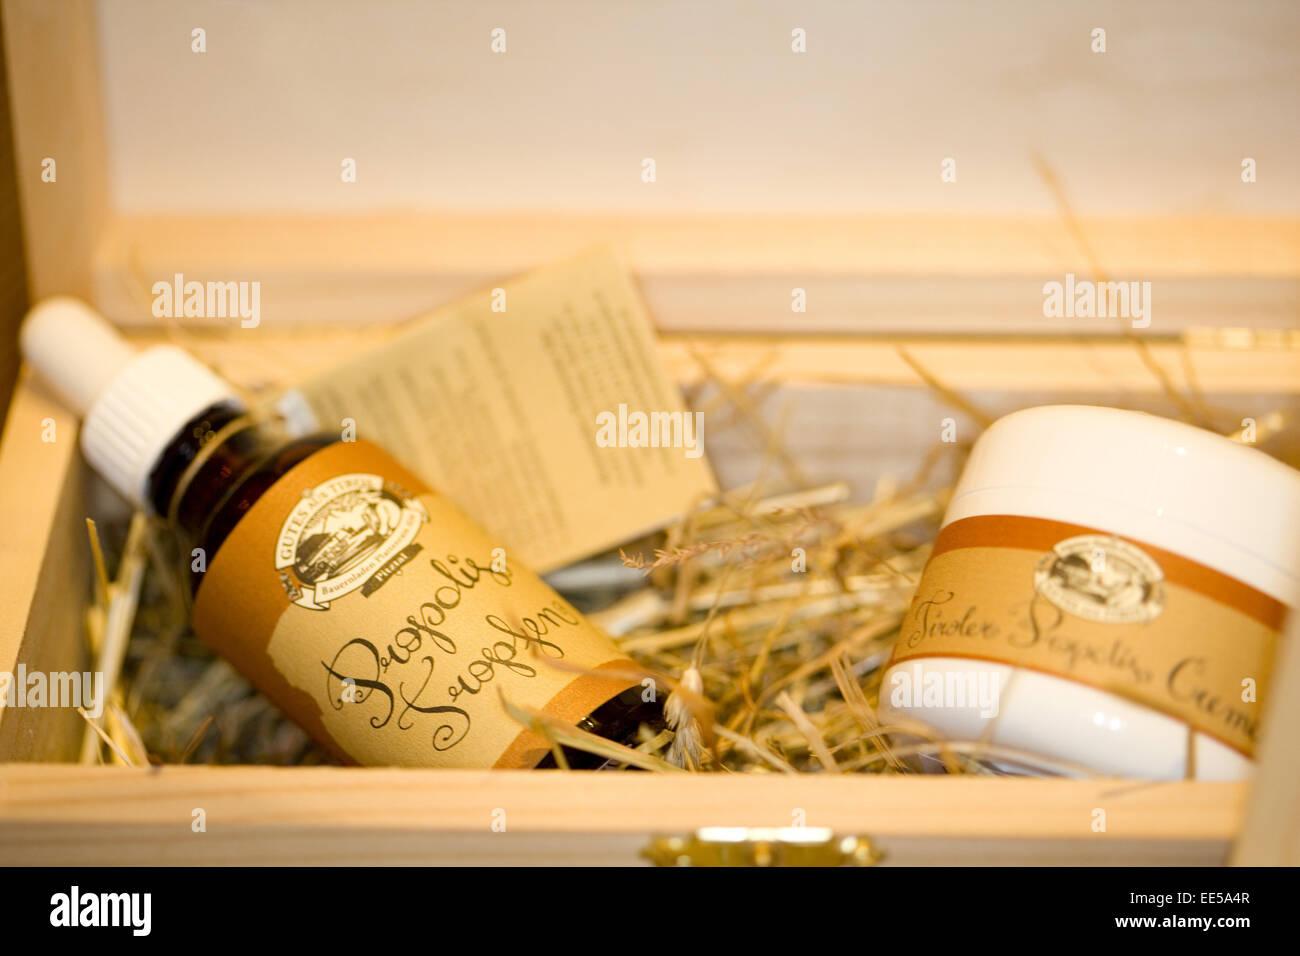 Close-Up, Creme, Cremes, Cremetopf, Innenaufnahme, Koerperpflege, Medizin, Nahaufnahme, Naturkosmetik, Propolis, - Stock Image